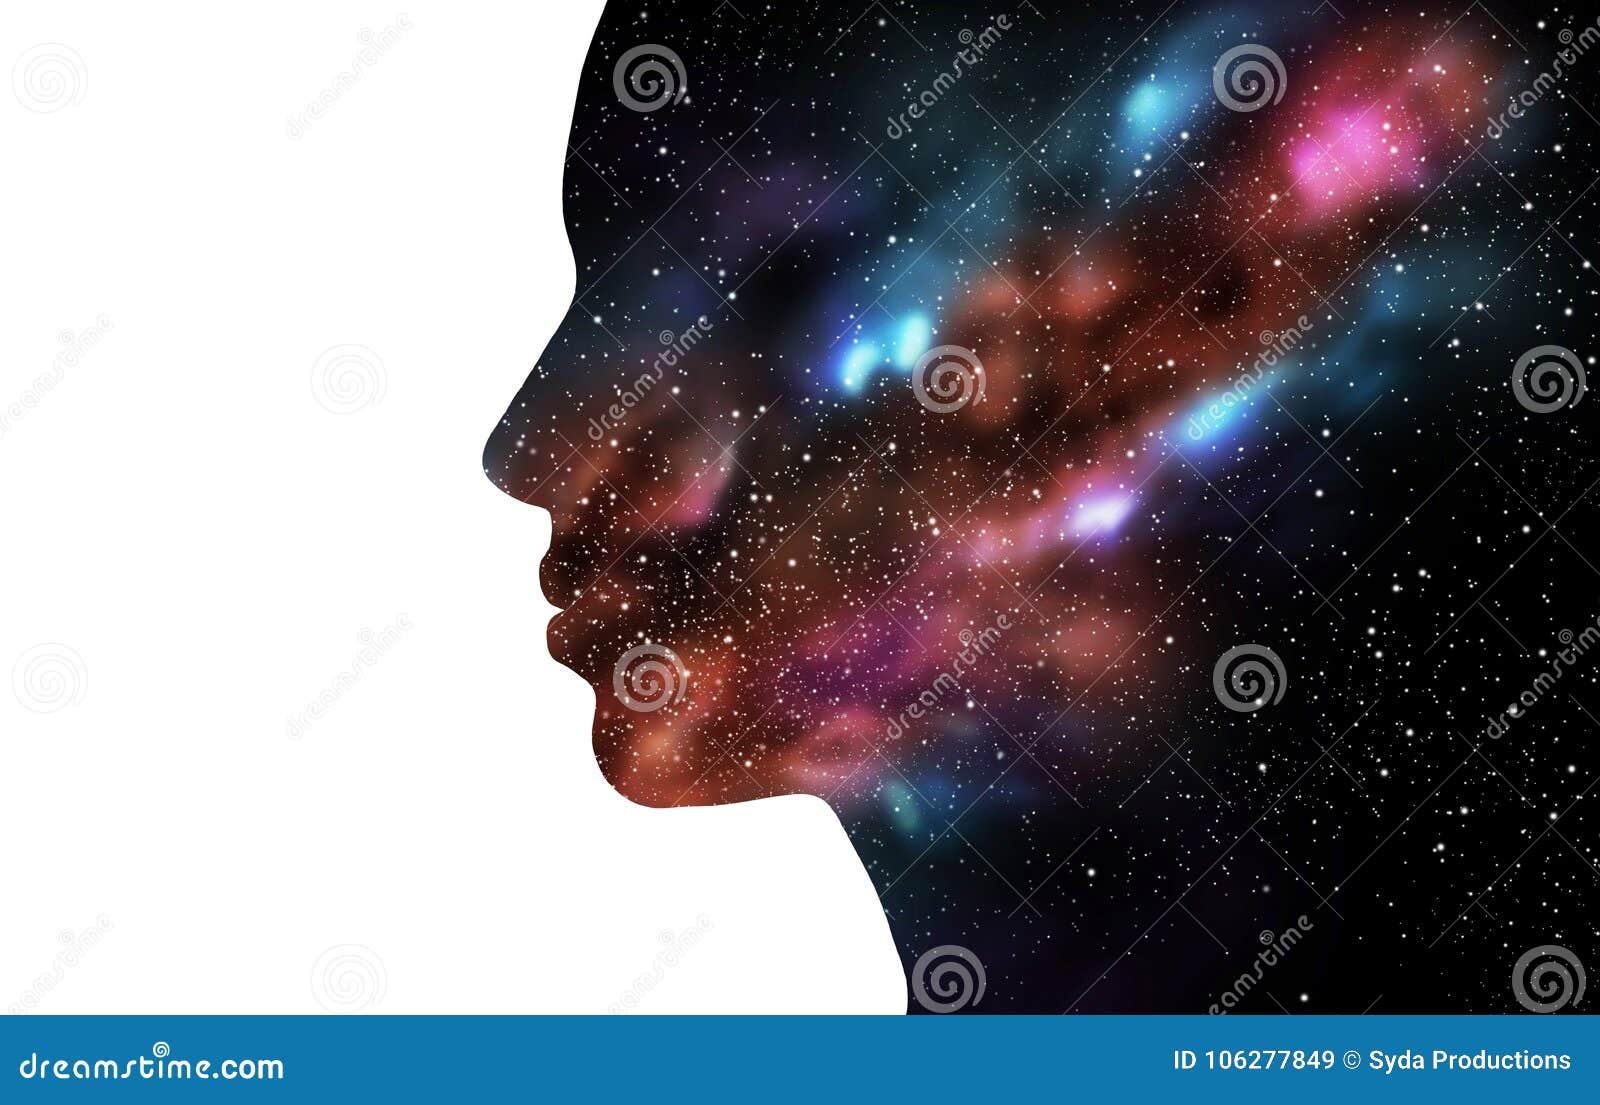 Doppelbelichtungsfrau und -galaxie